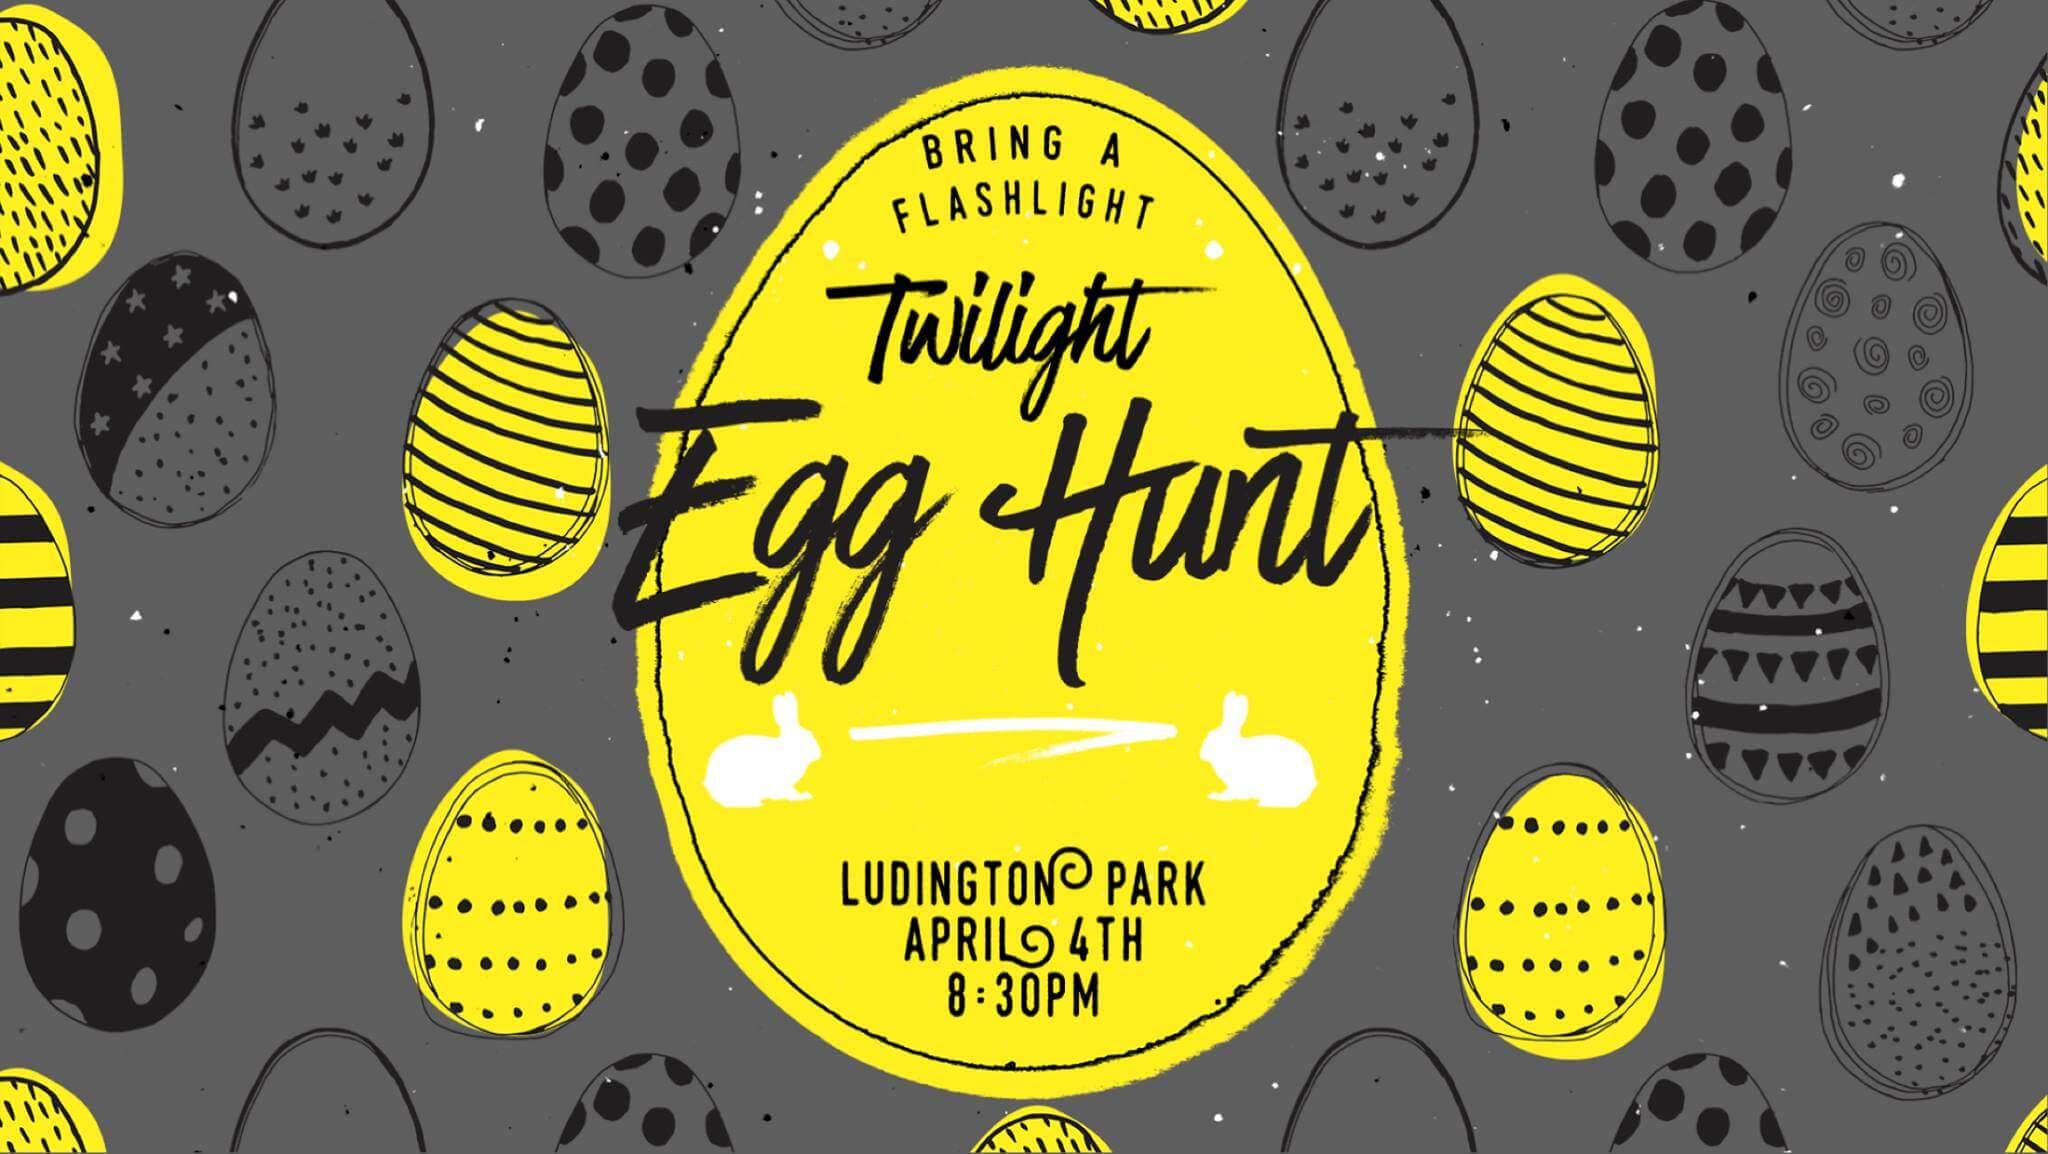 Bring a flashlight Twilight Egg Hunt. Ludington Park, April 4th, 8:30 pm.